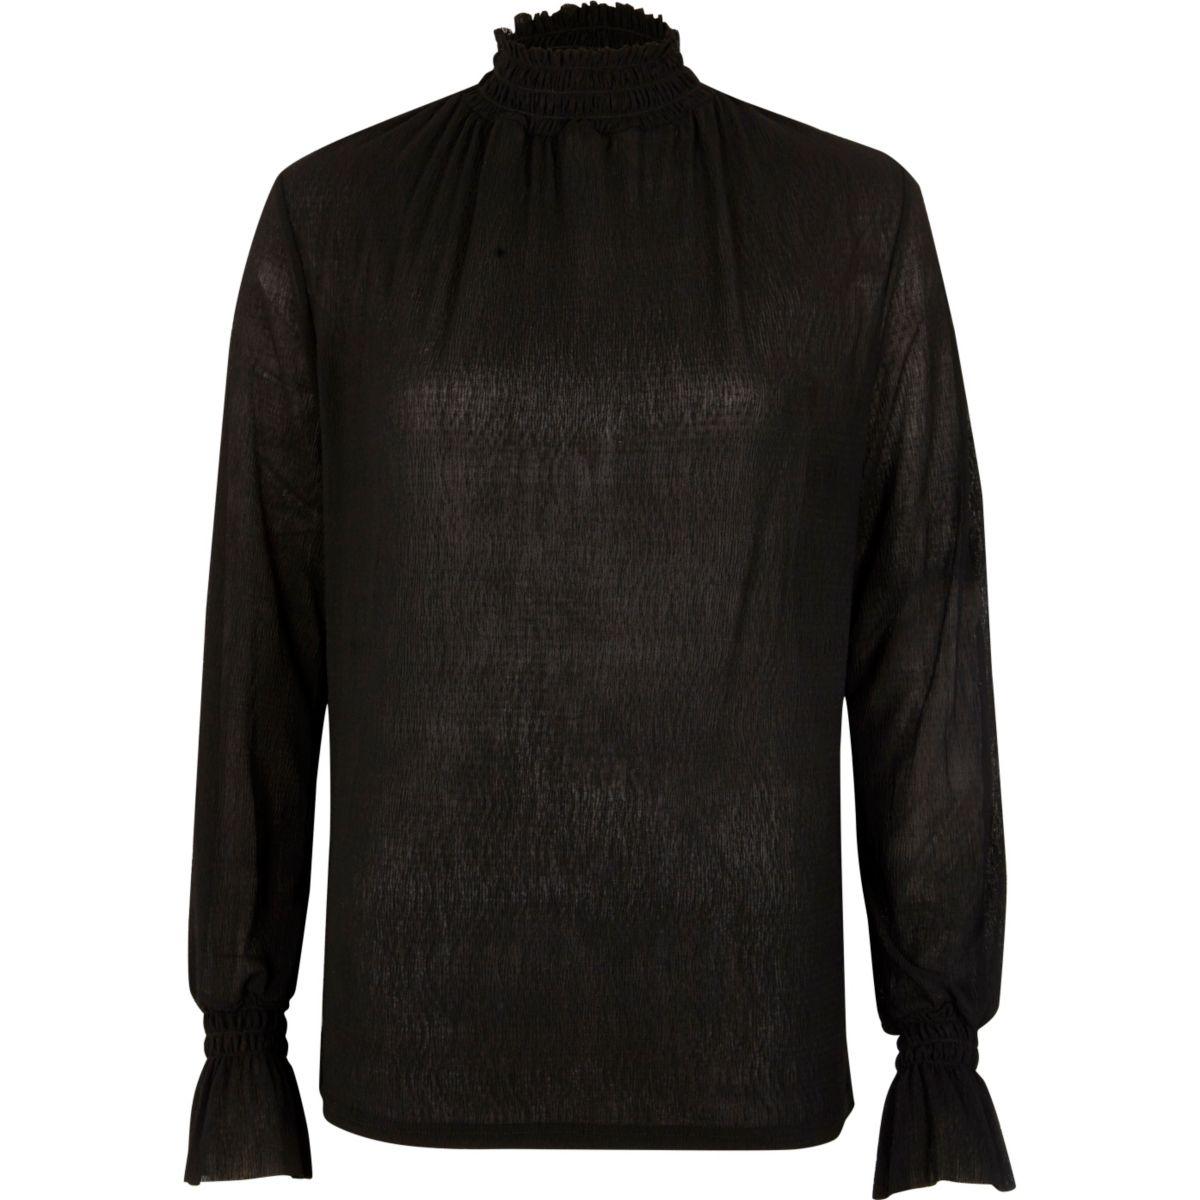 Haut en tulle noir à col froncé texturé